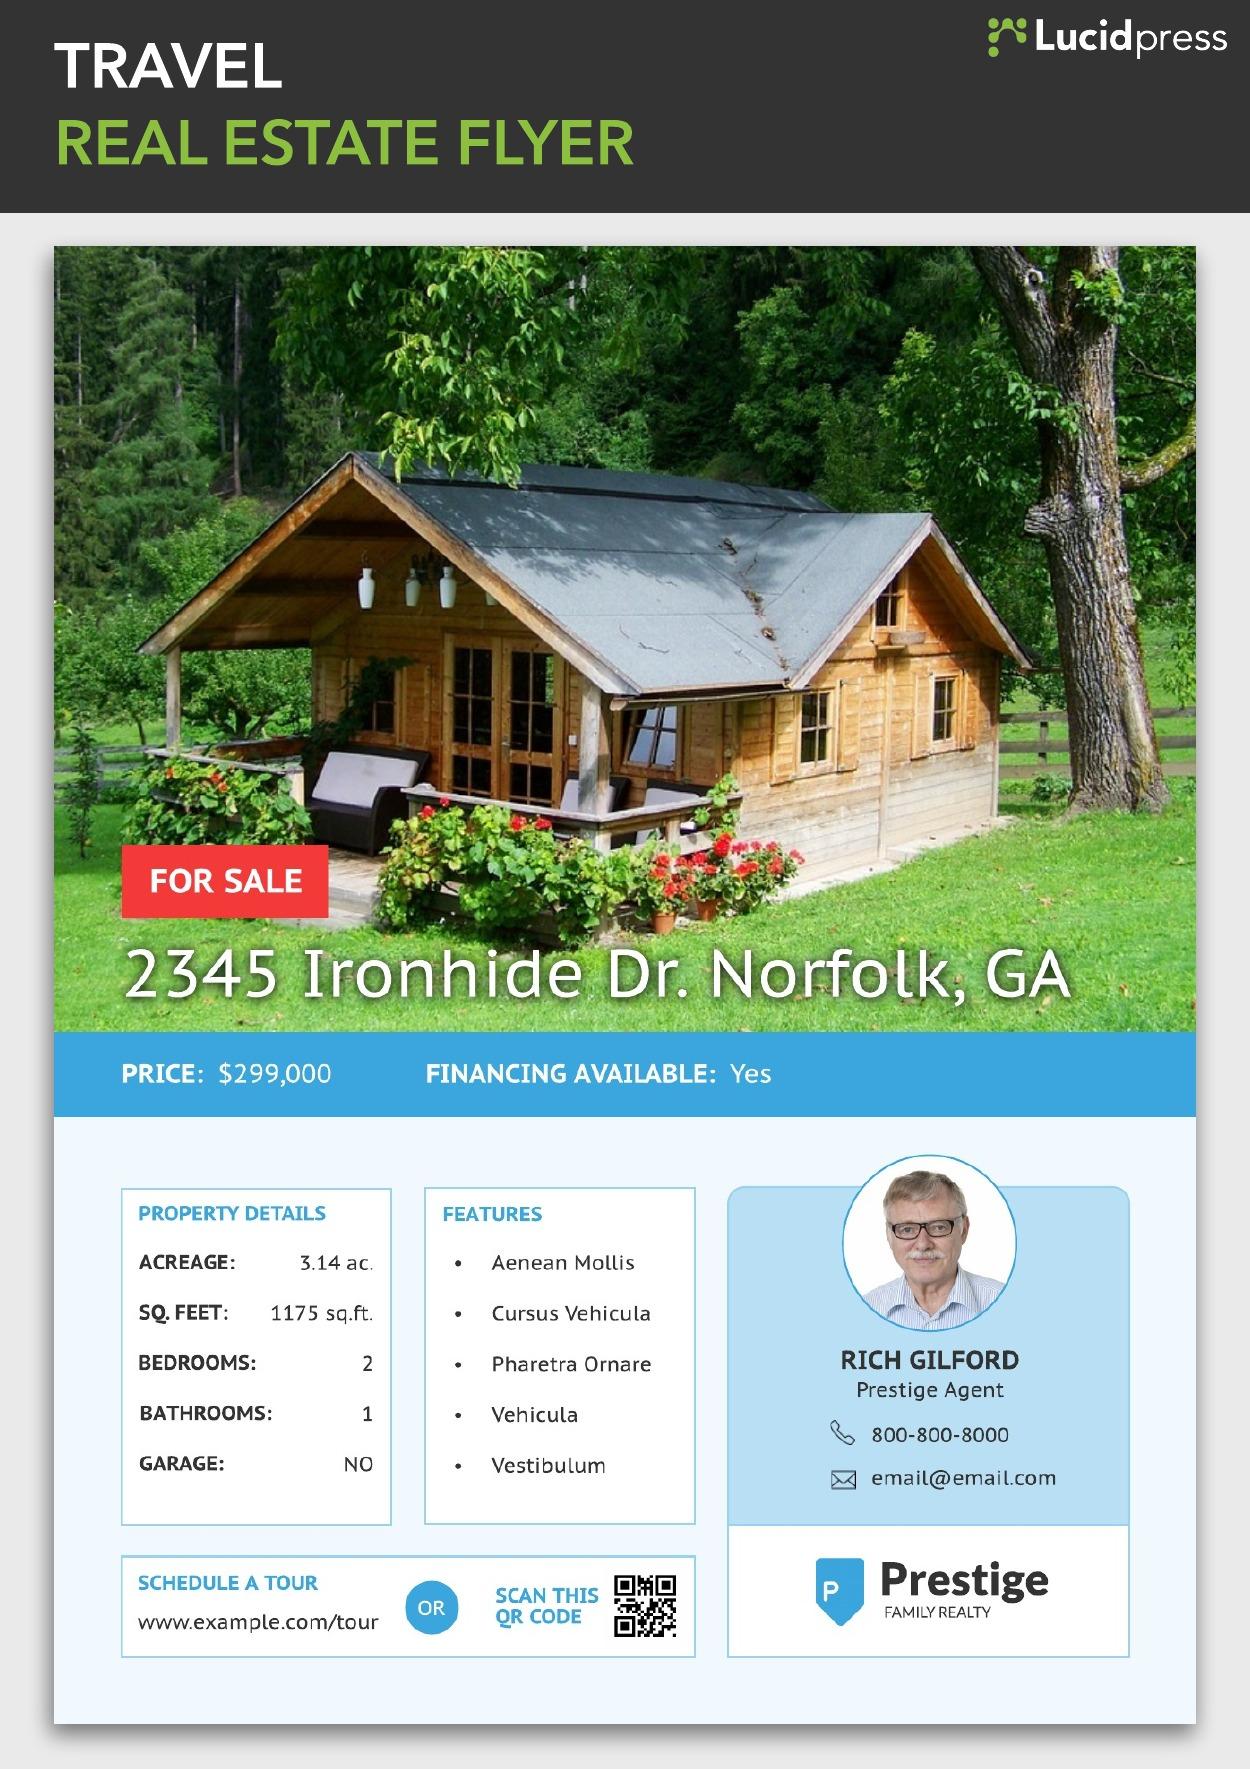 Travel Real Estate Flyer